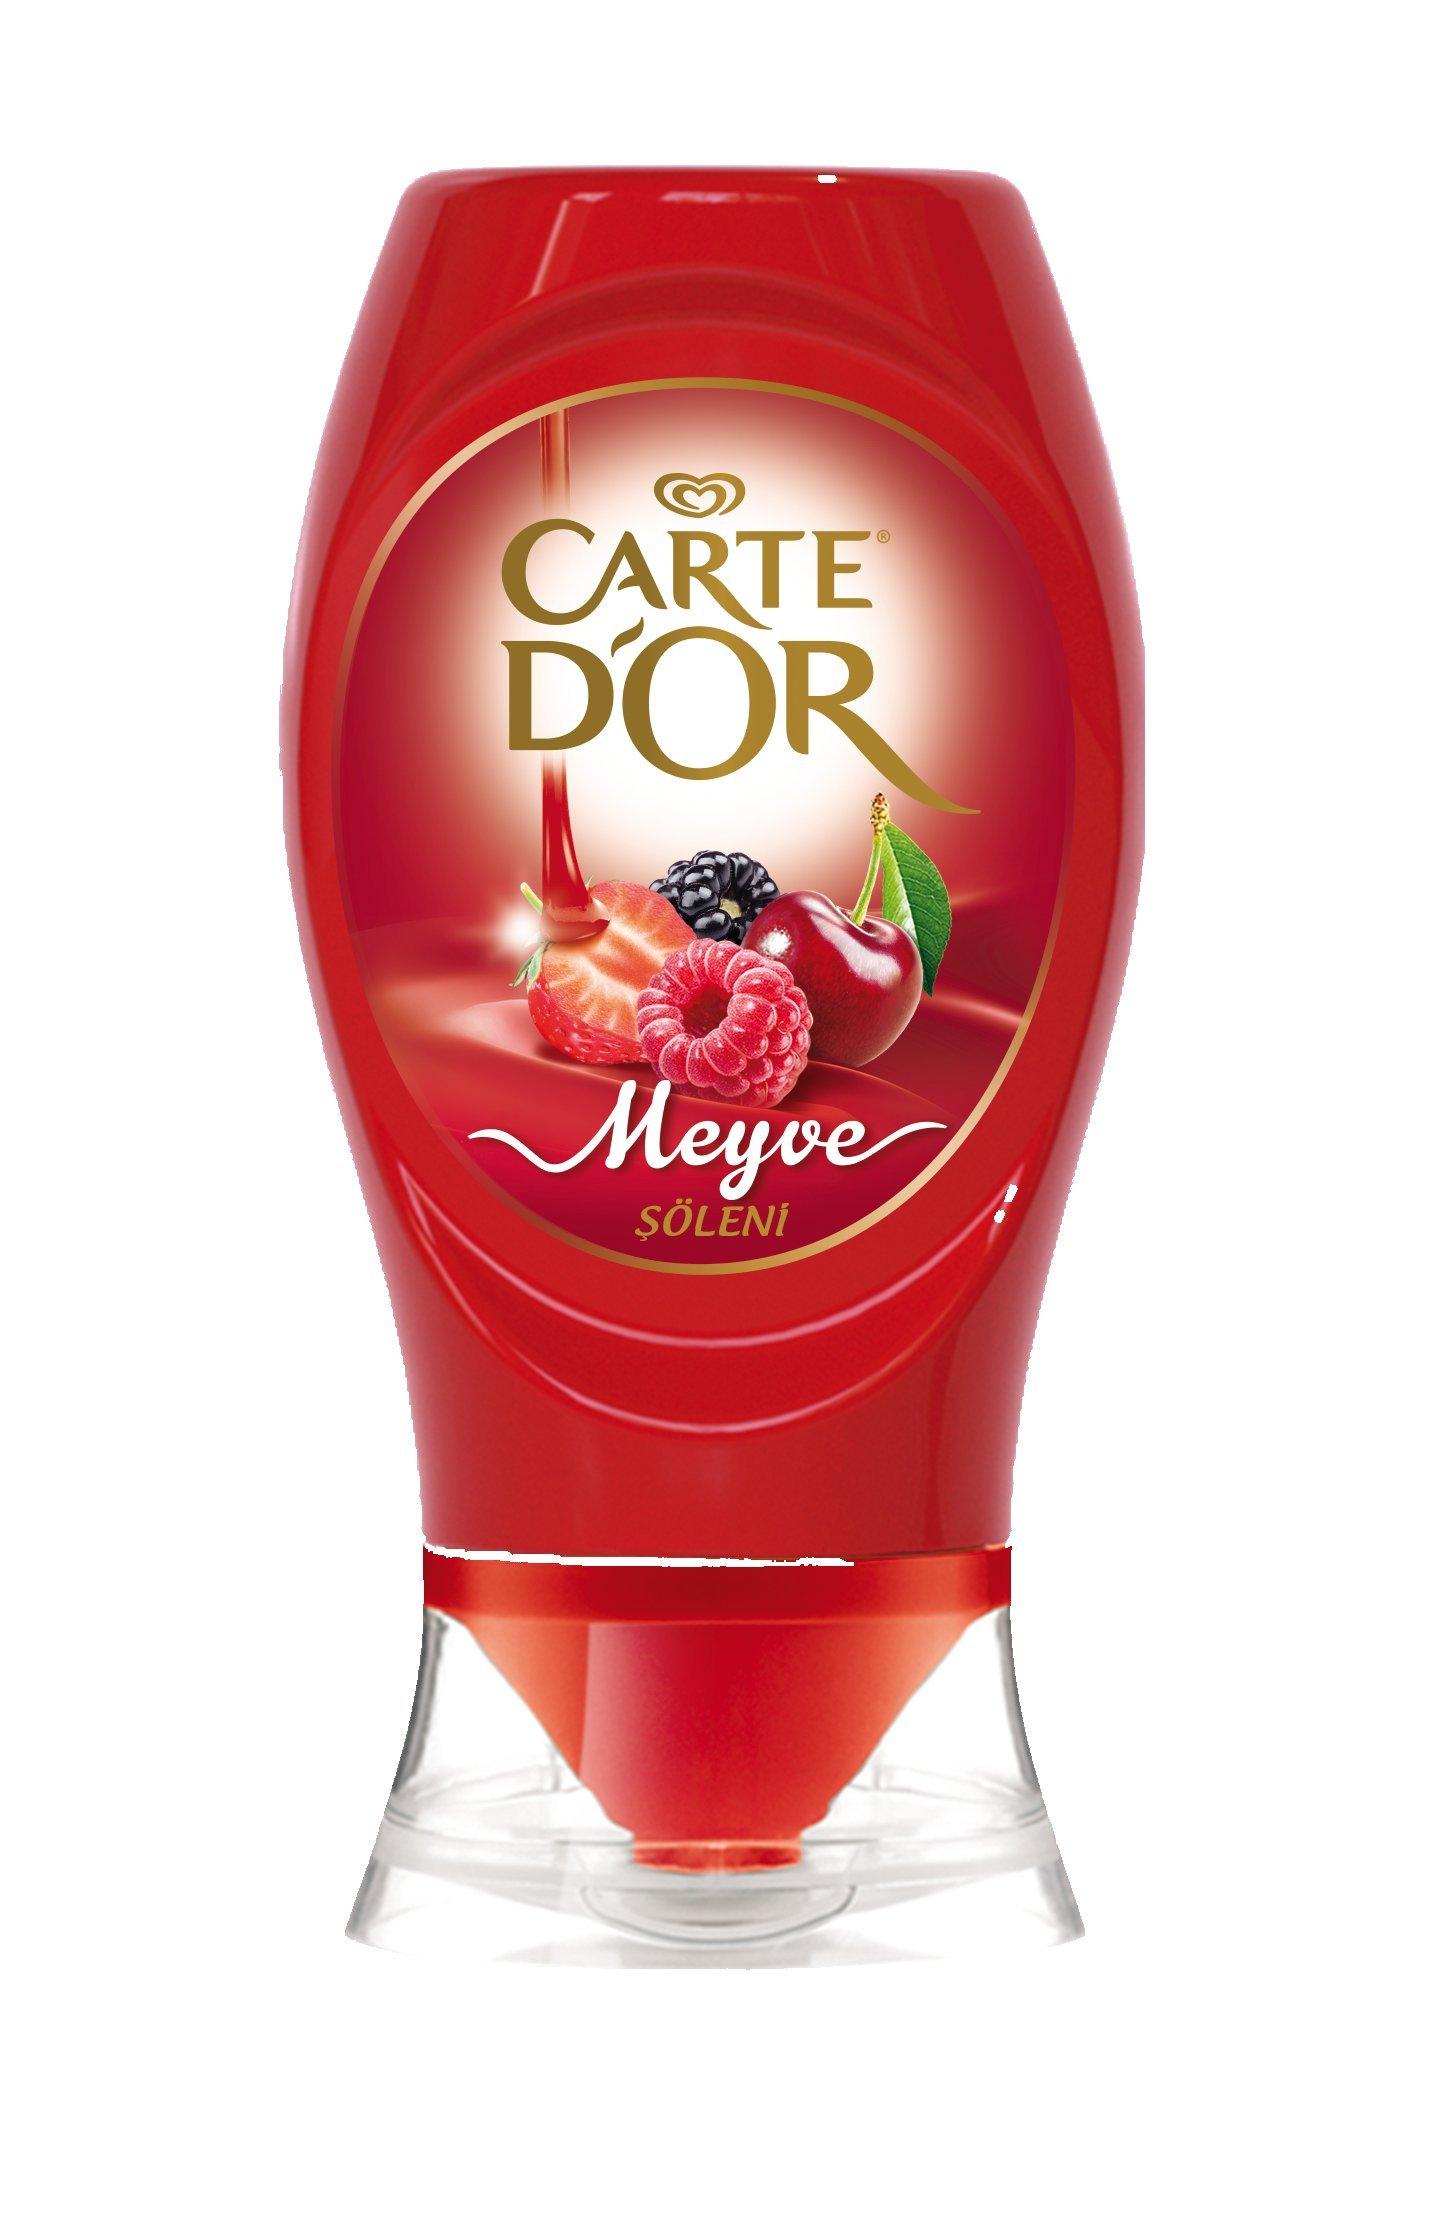 Carte D'or Meyve Soleni Sos Mpo 12x315g